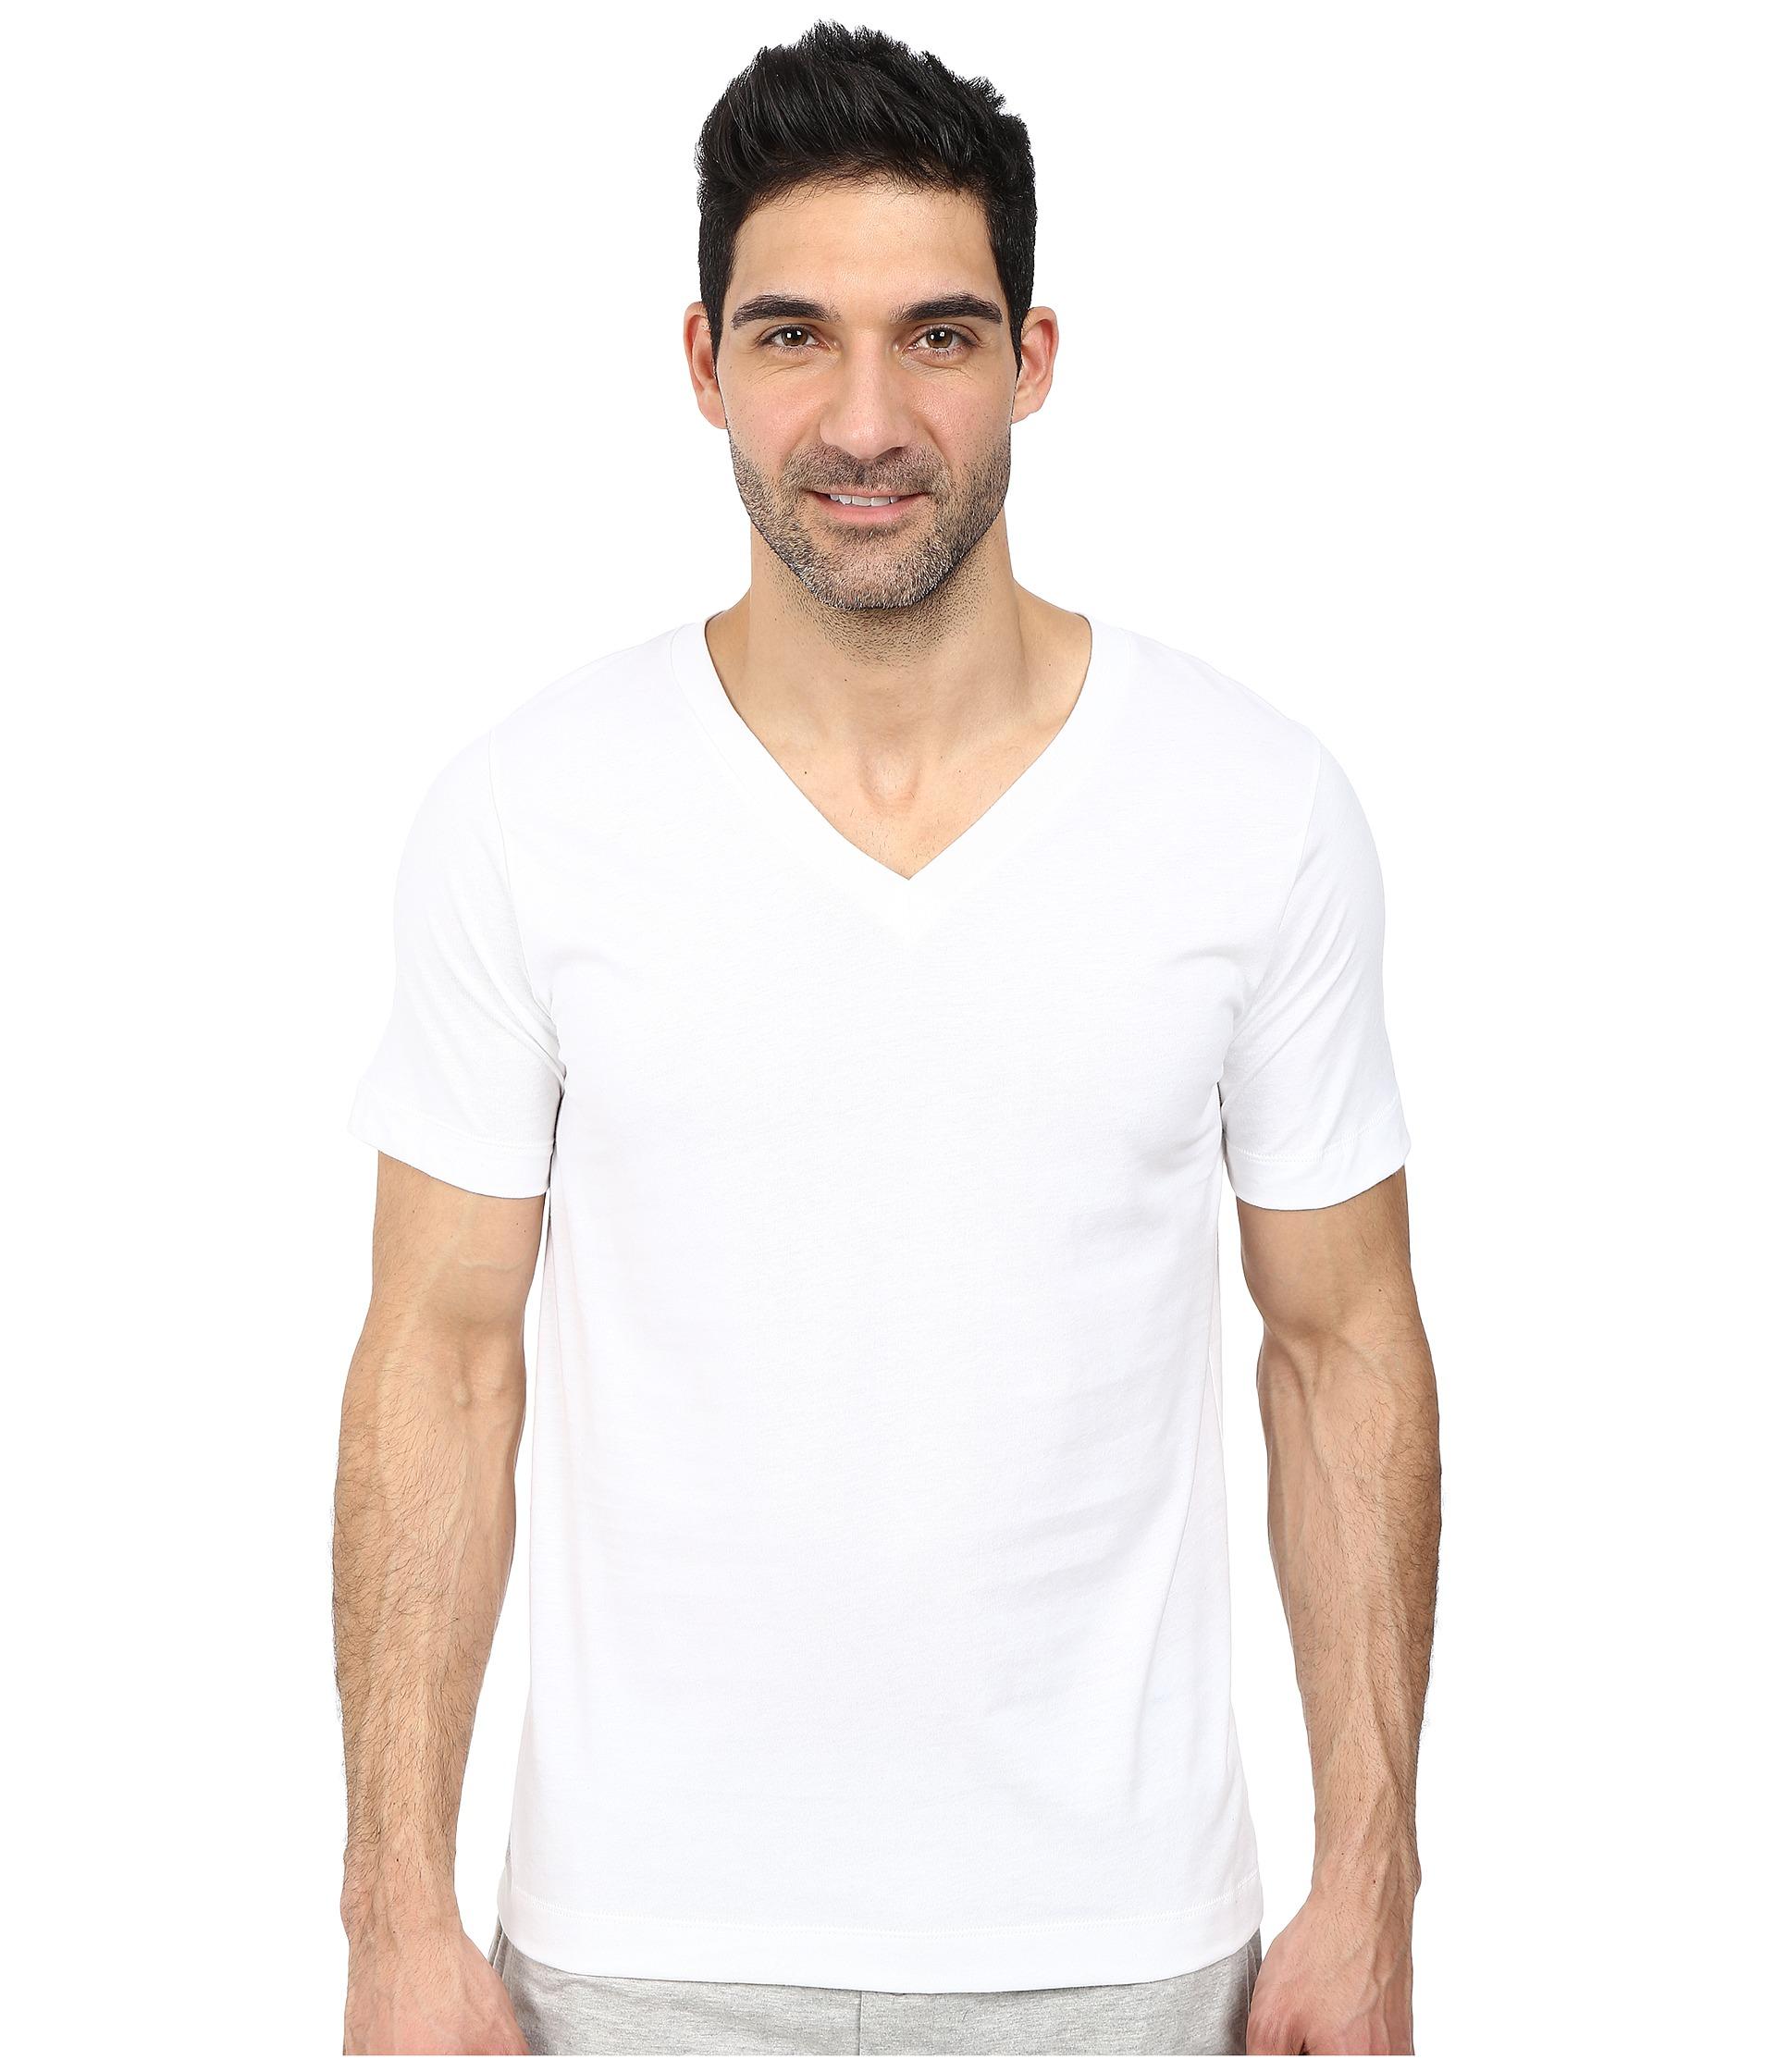 Jockey cotton staycool v neck t shirt 2 pack white for Jockey v neck shirt